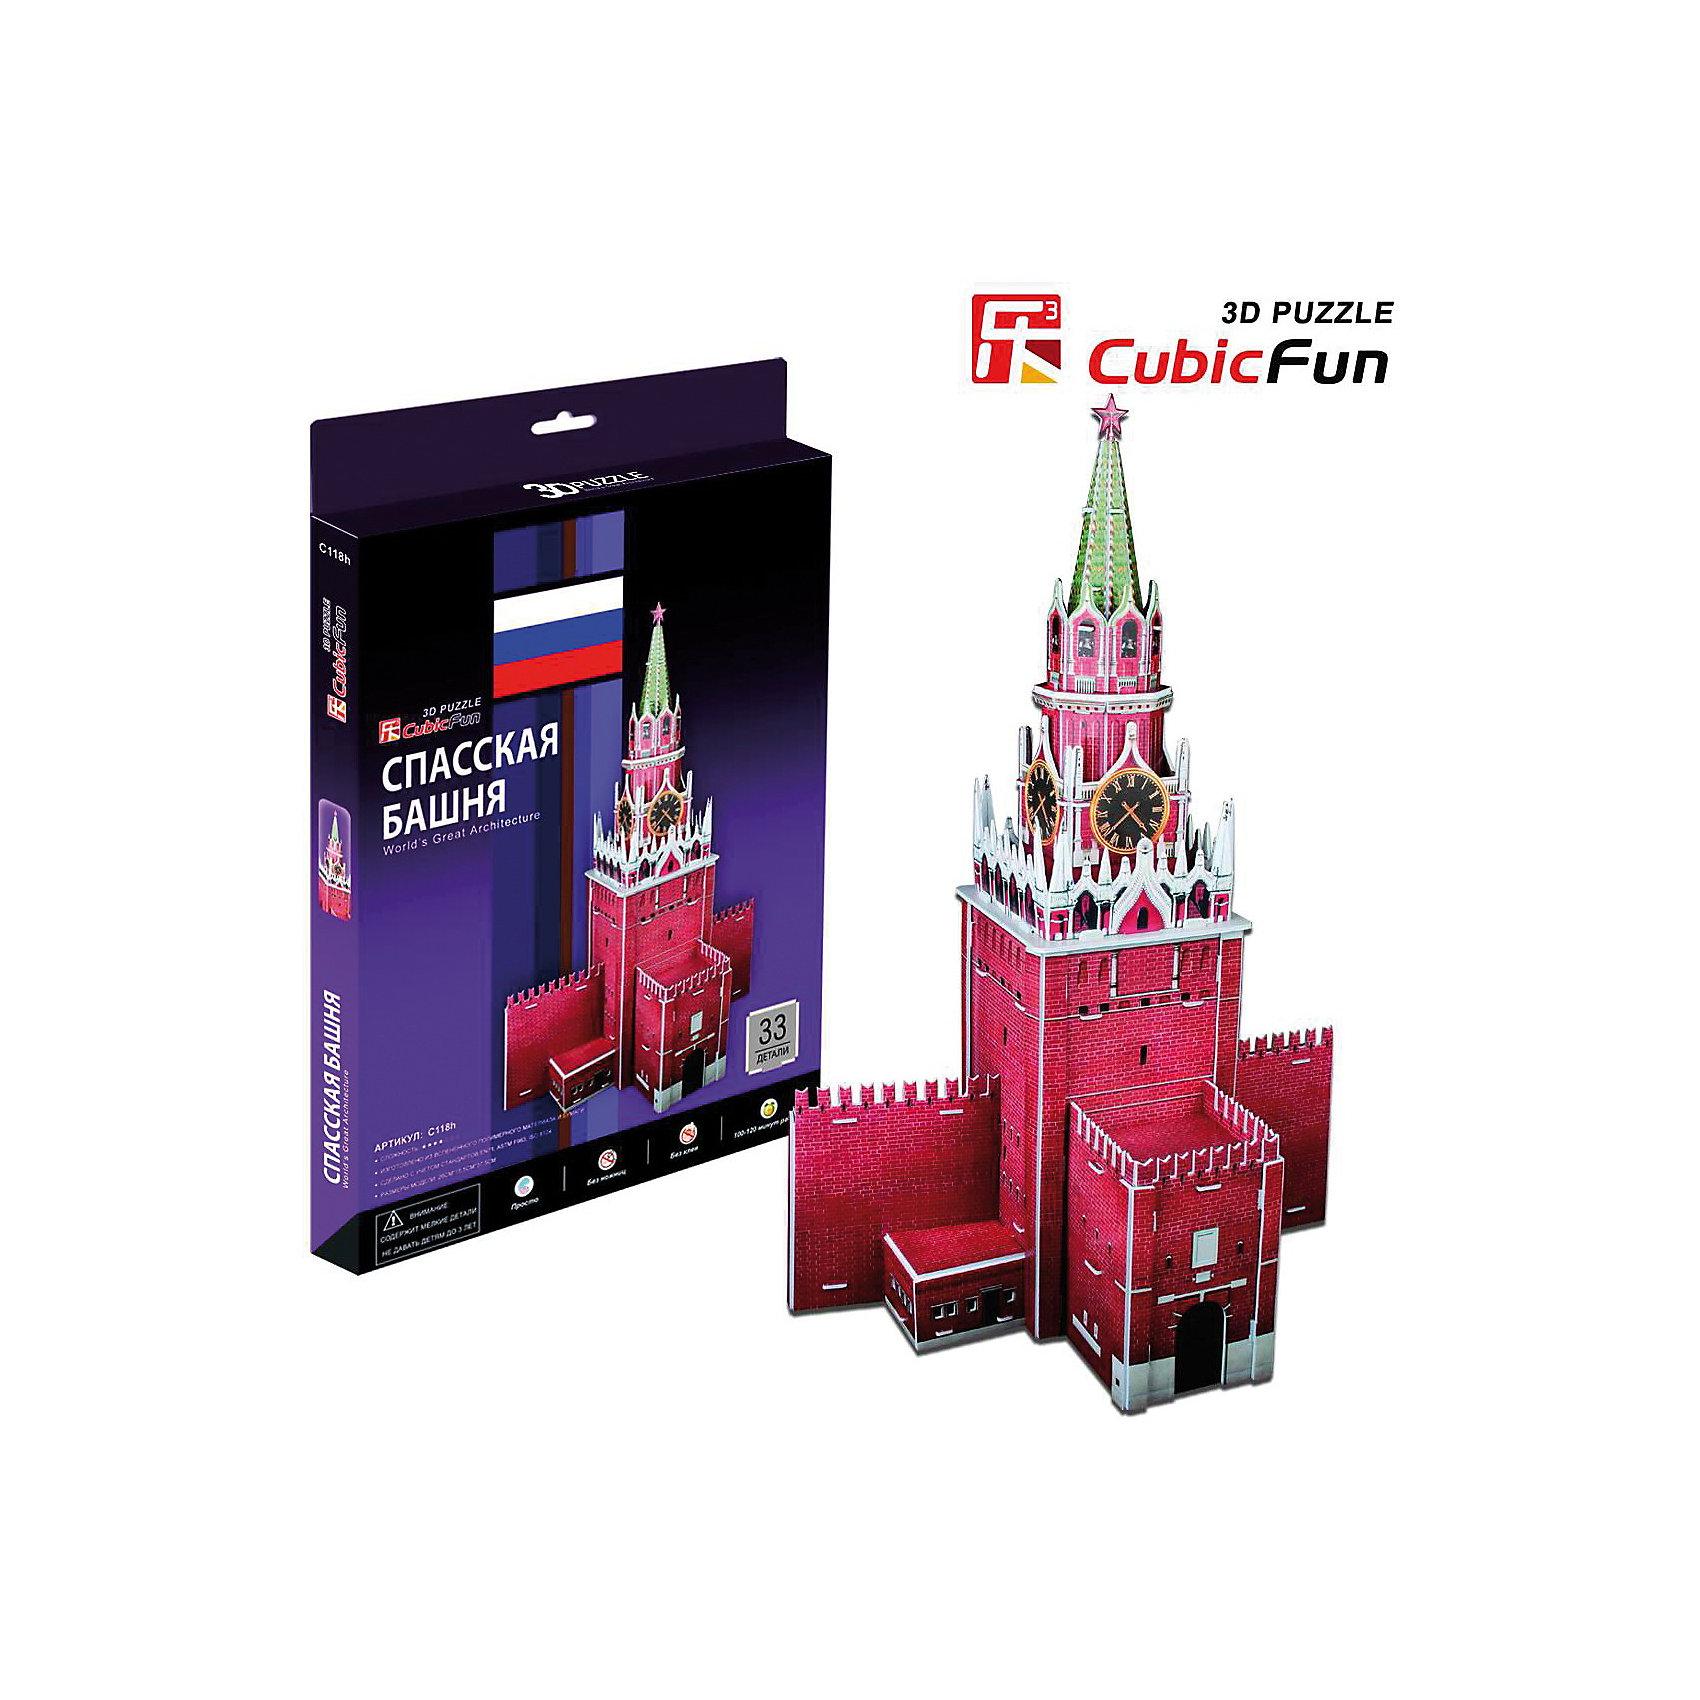 CubicFun Пазл 3D Спасская башня, 33 детали, CubicFun пазлы iq 3d пазл спасская башня кремля